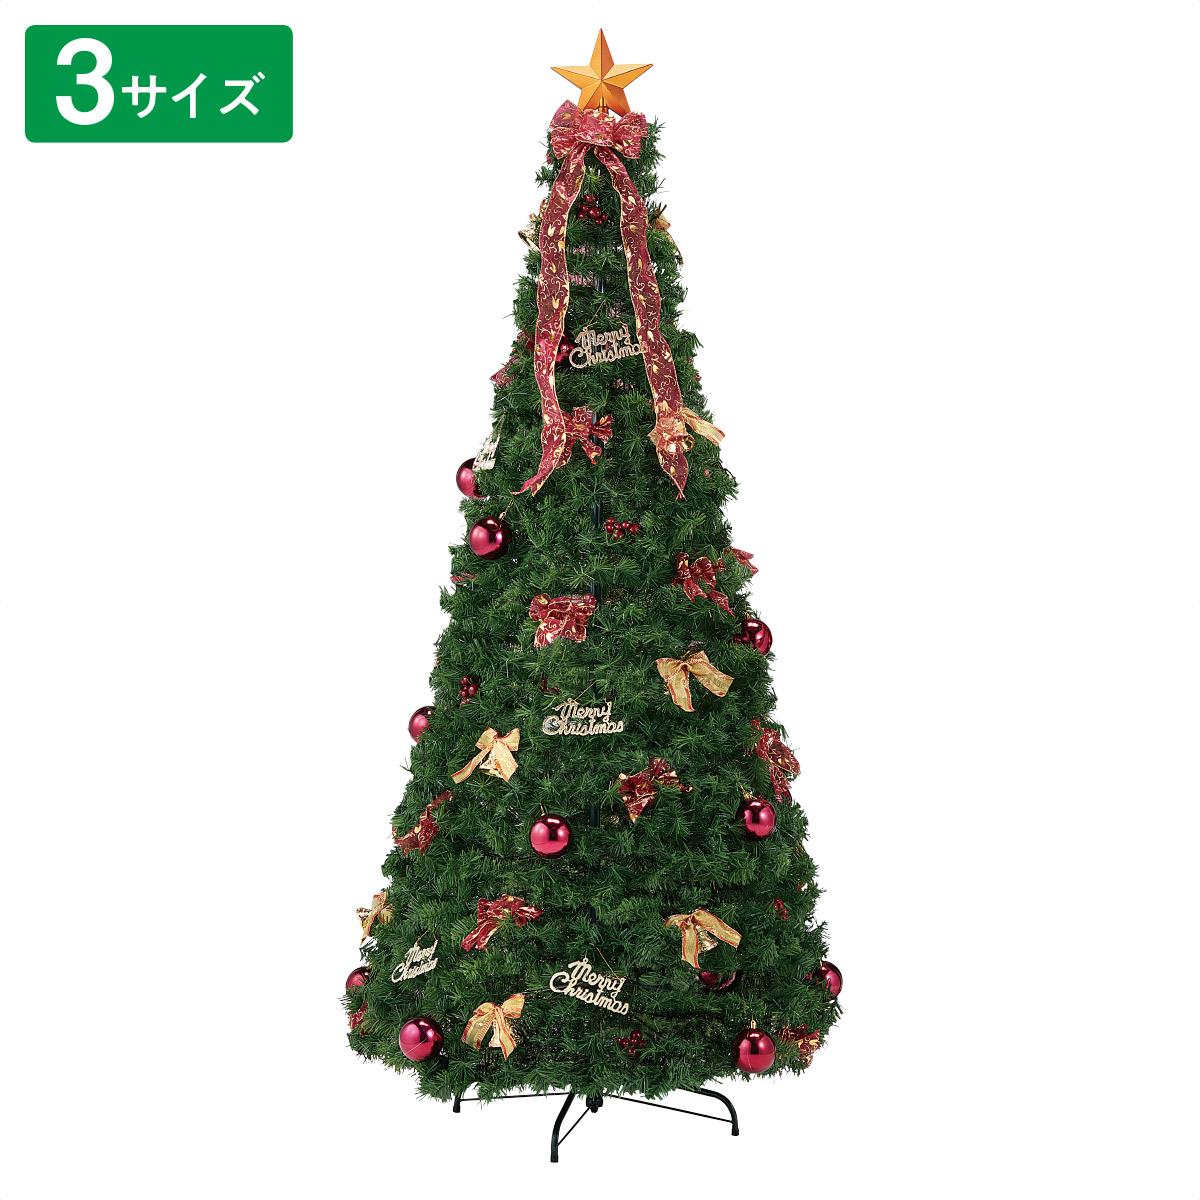 ★折りたたみ可★ポップアップツリー レッド【クリスマスツリー ディスプレイ 飾り】